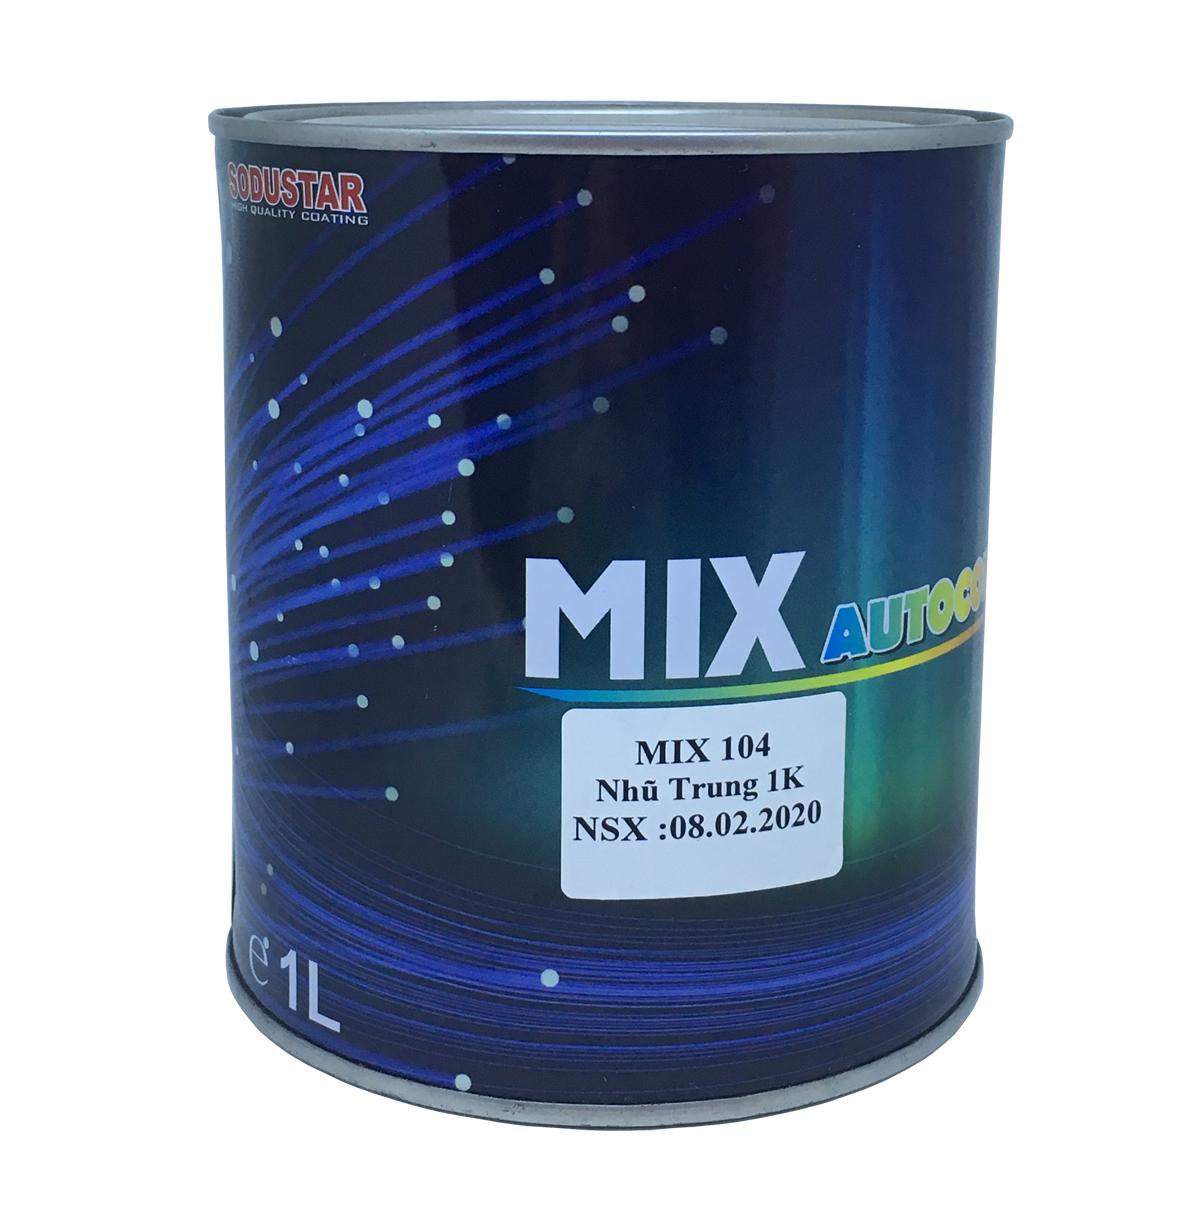 Sơn màu Nhũ Trung 1 thành phần (1K) - MIX 104